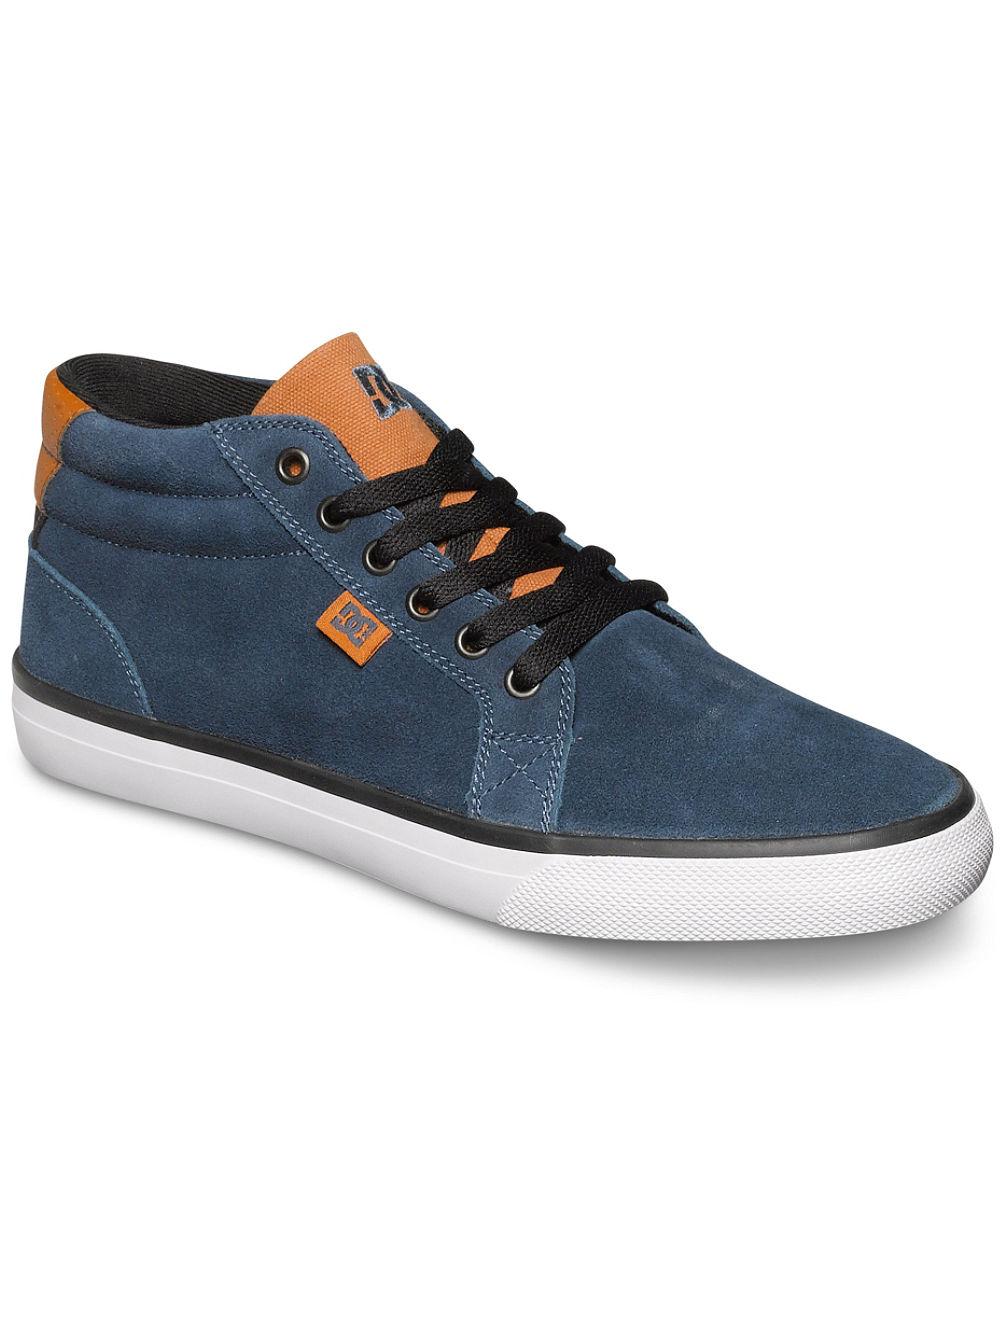 Council+Mid+SD+Skate+Shoes+jpg.jpg?$b8